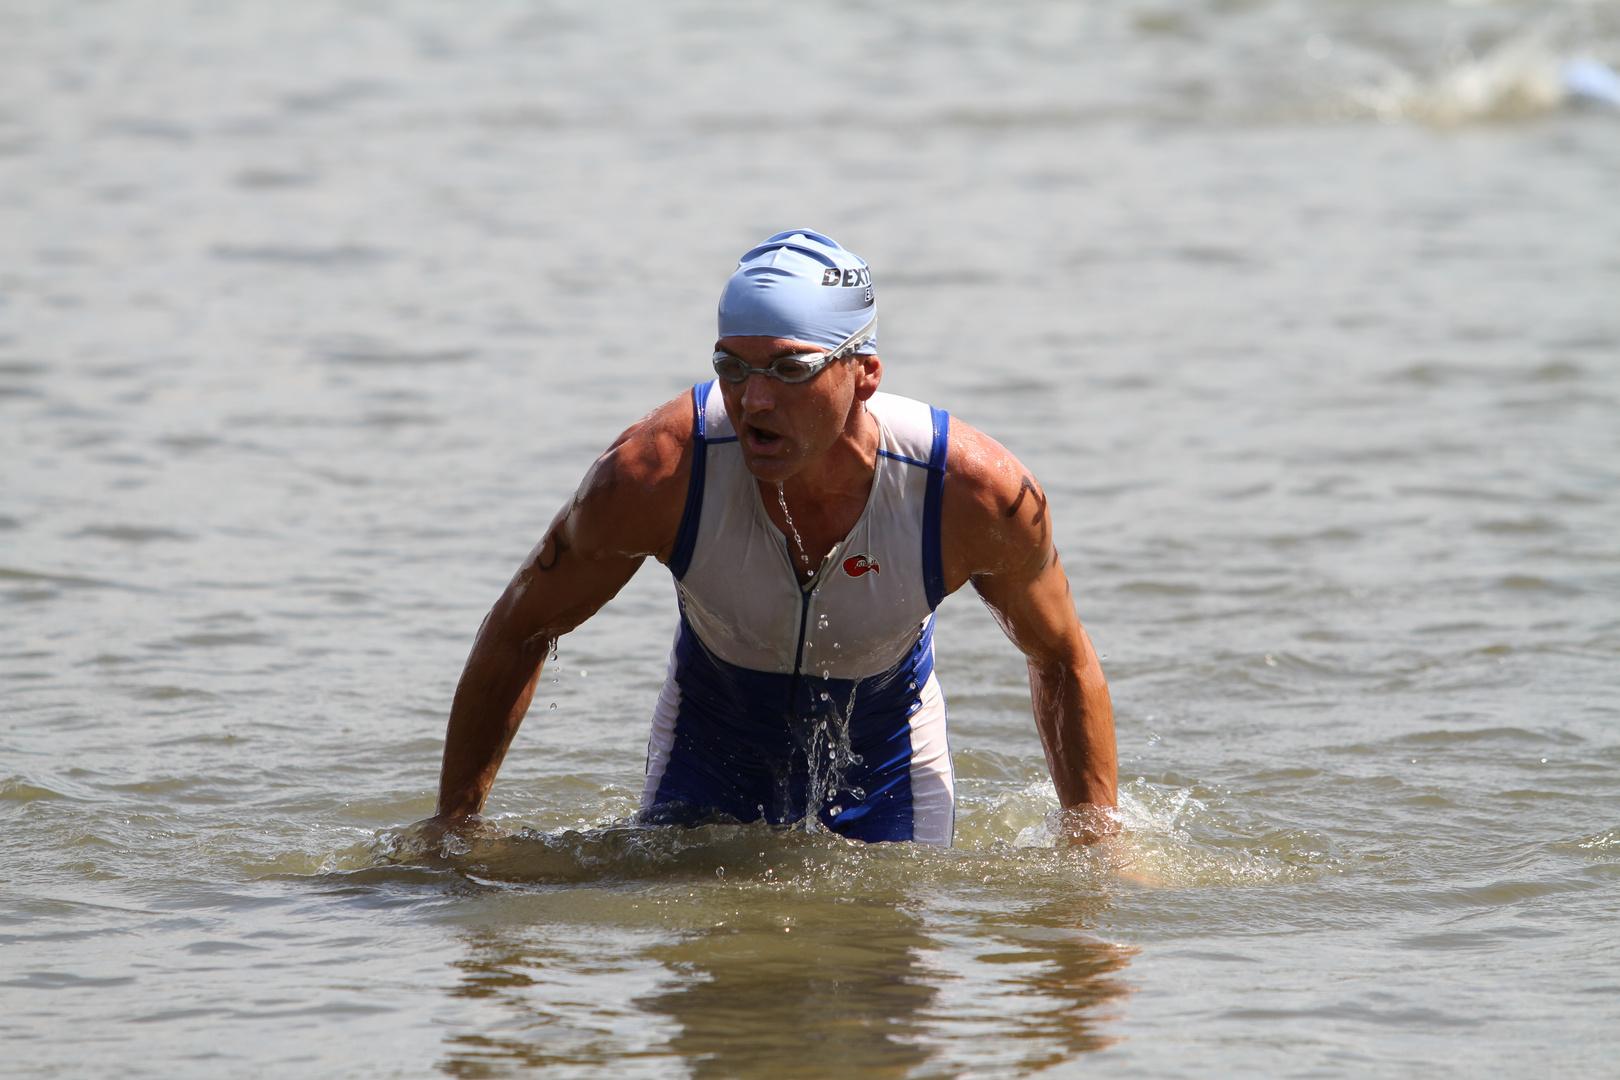 Echternach Triathlon